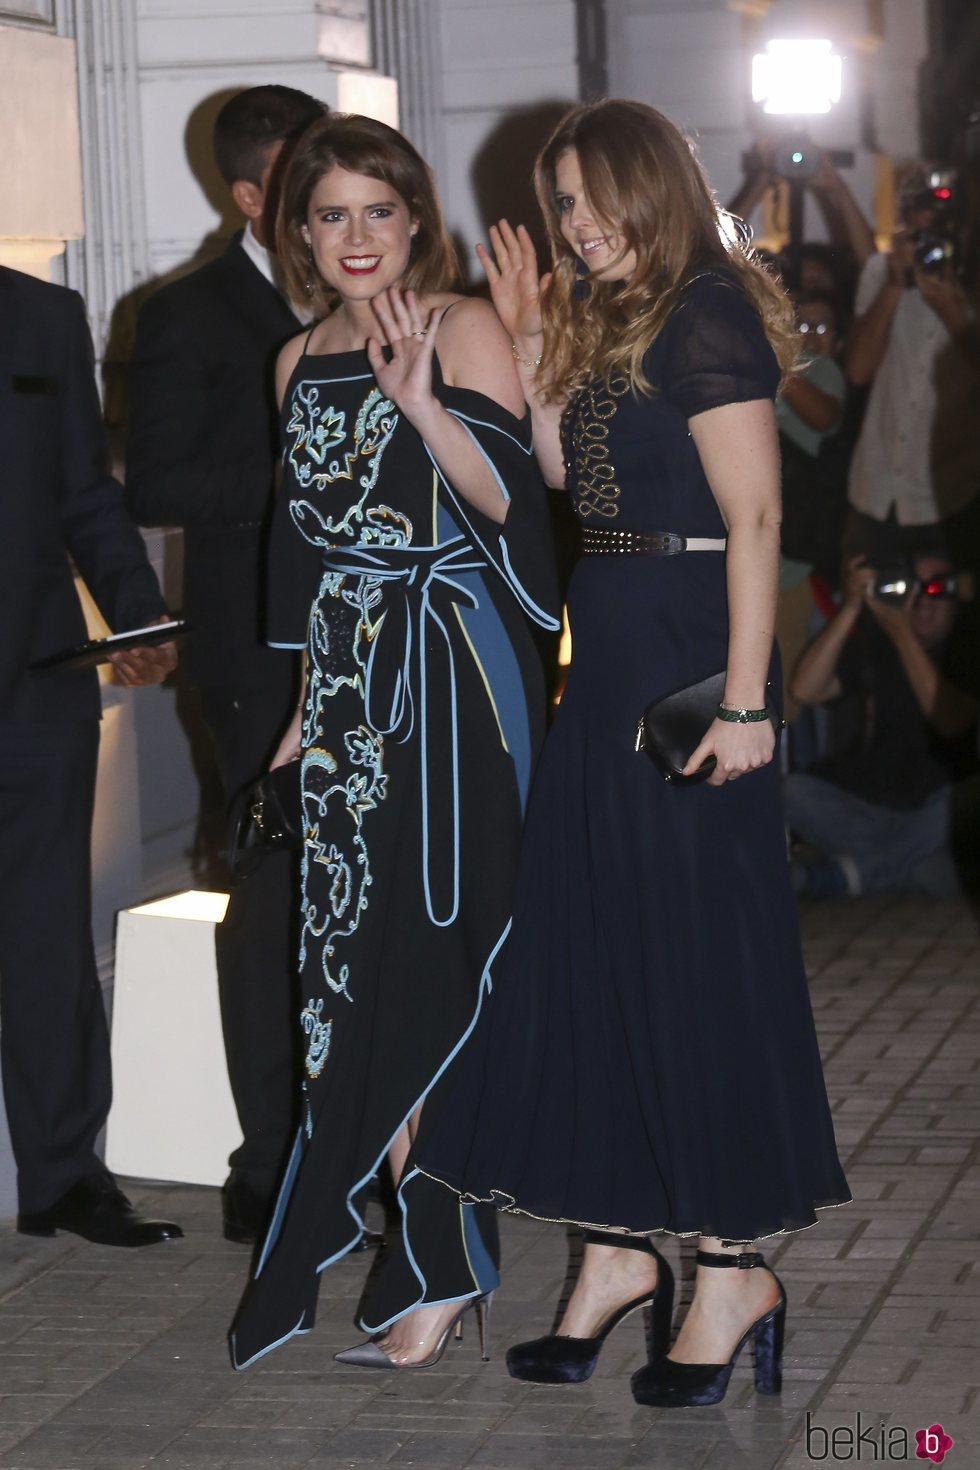 173bbb00b411 Las Princesas de York en la fiesta de largo de Christian de Hannover ...